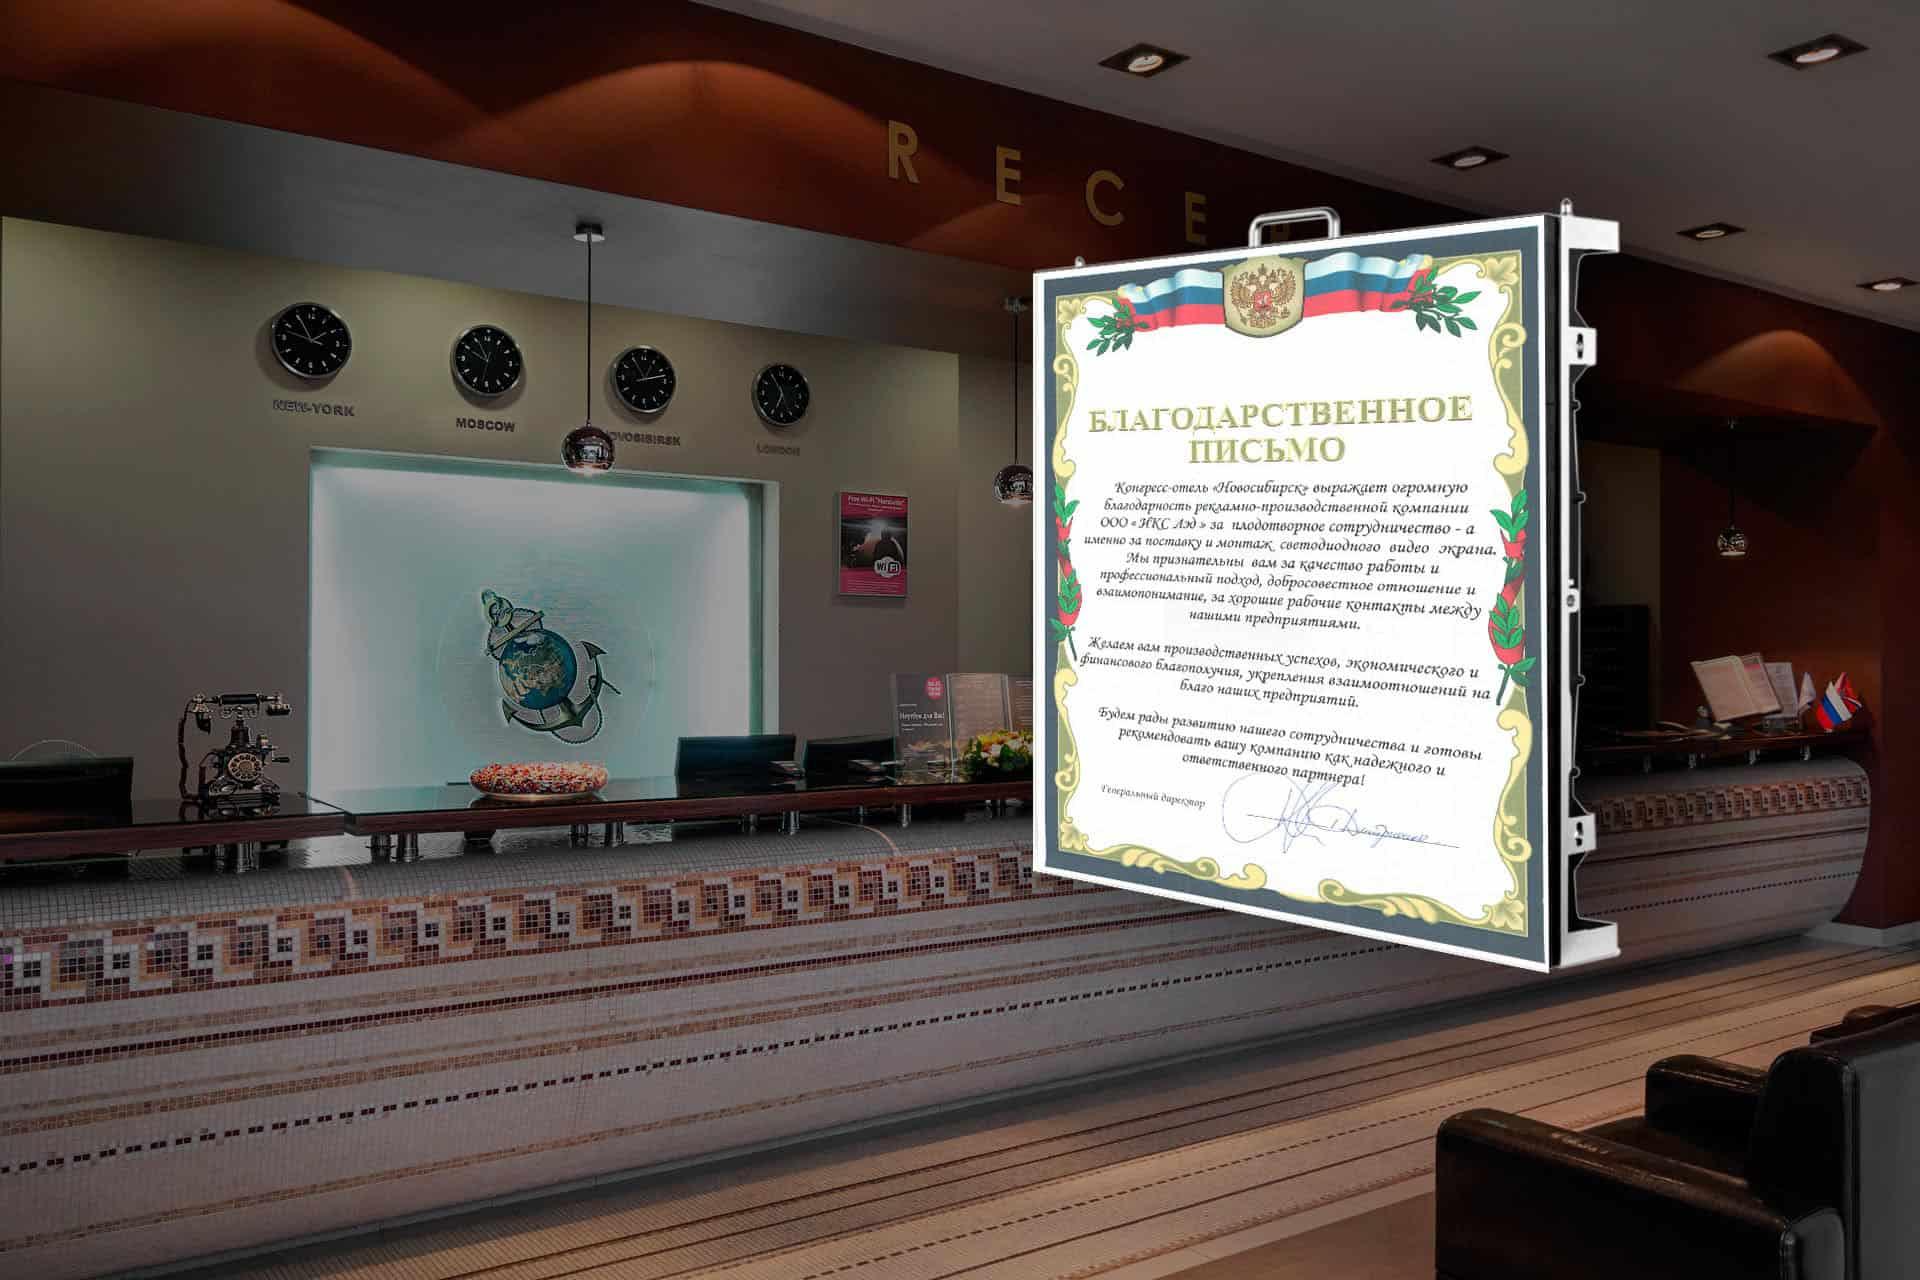 Благодарственное письмо от Конгресс отель Новосибирск.